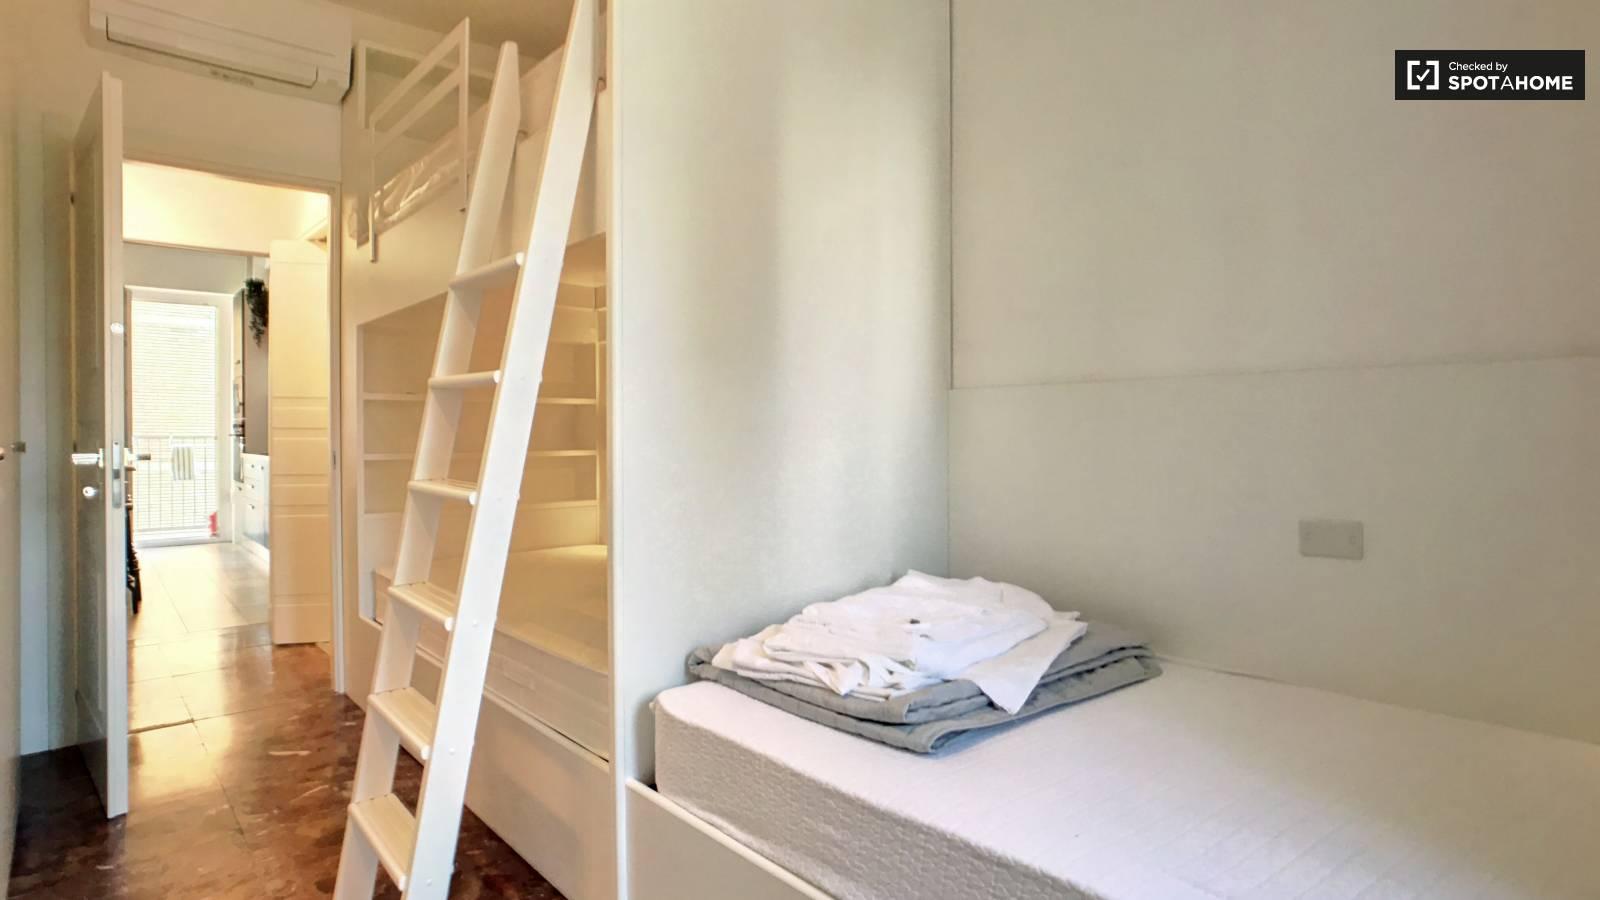 Bedroom 2- bed 1